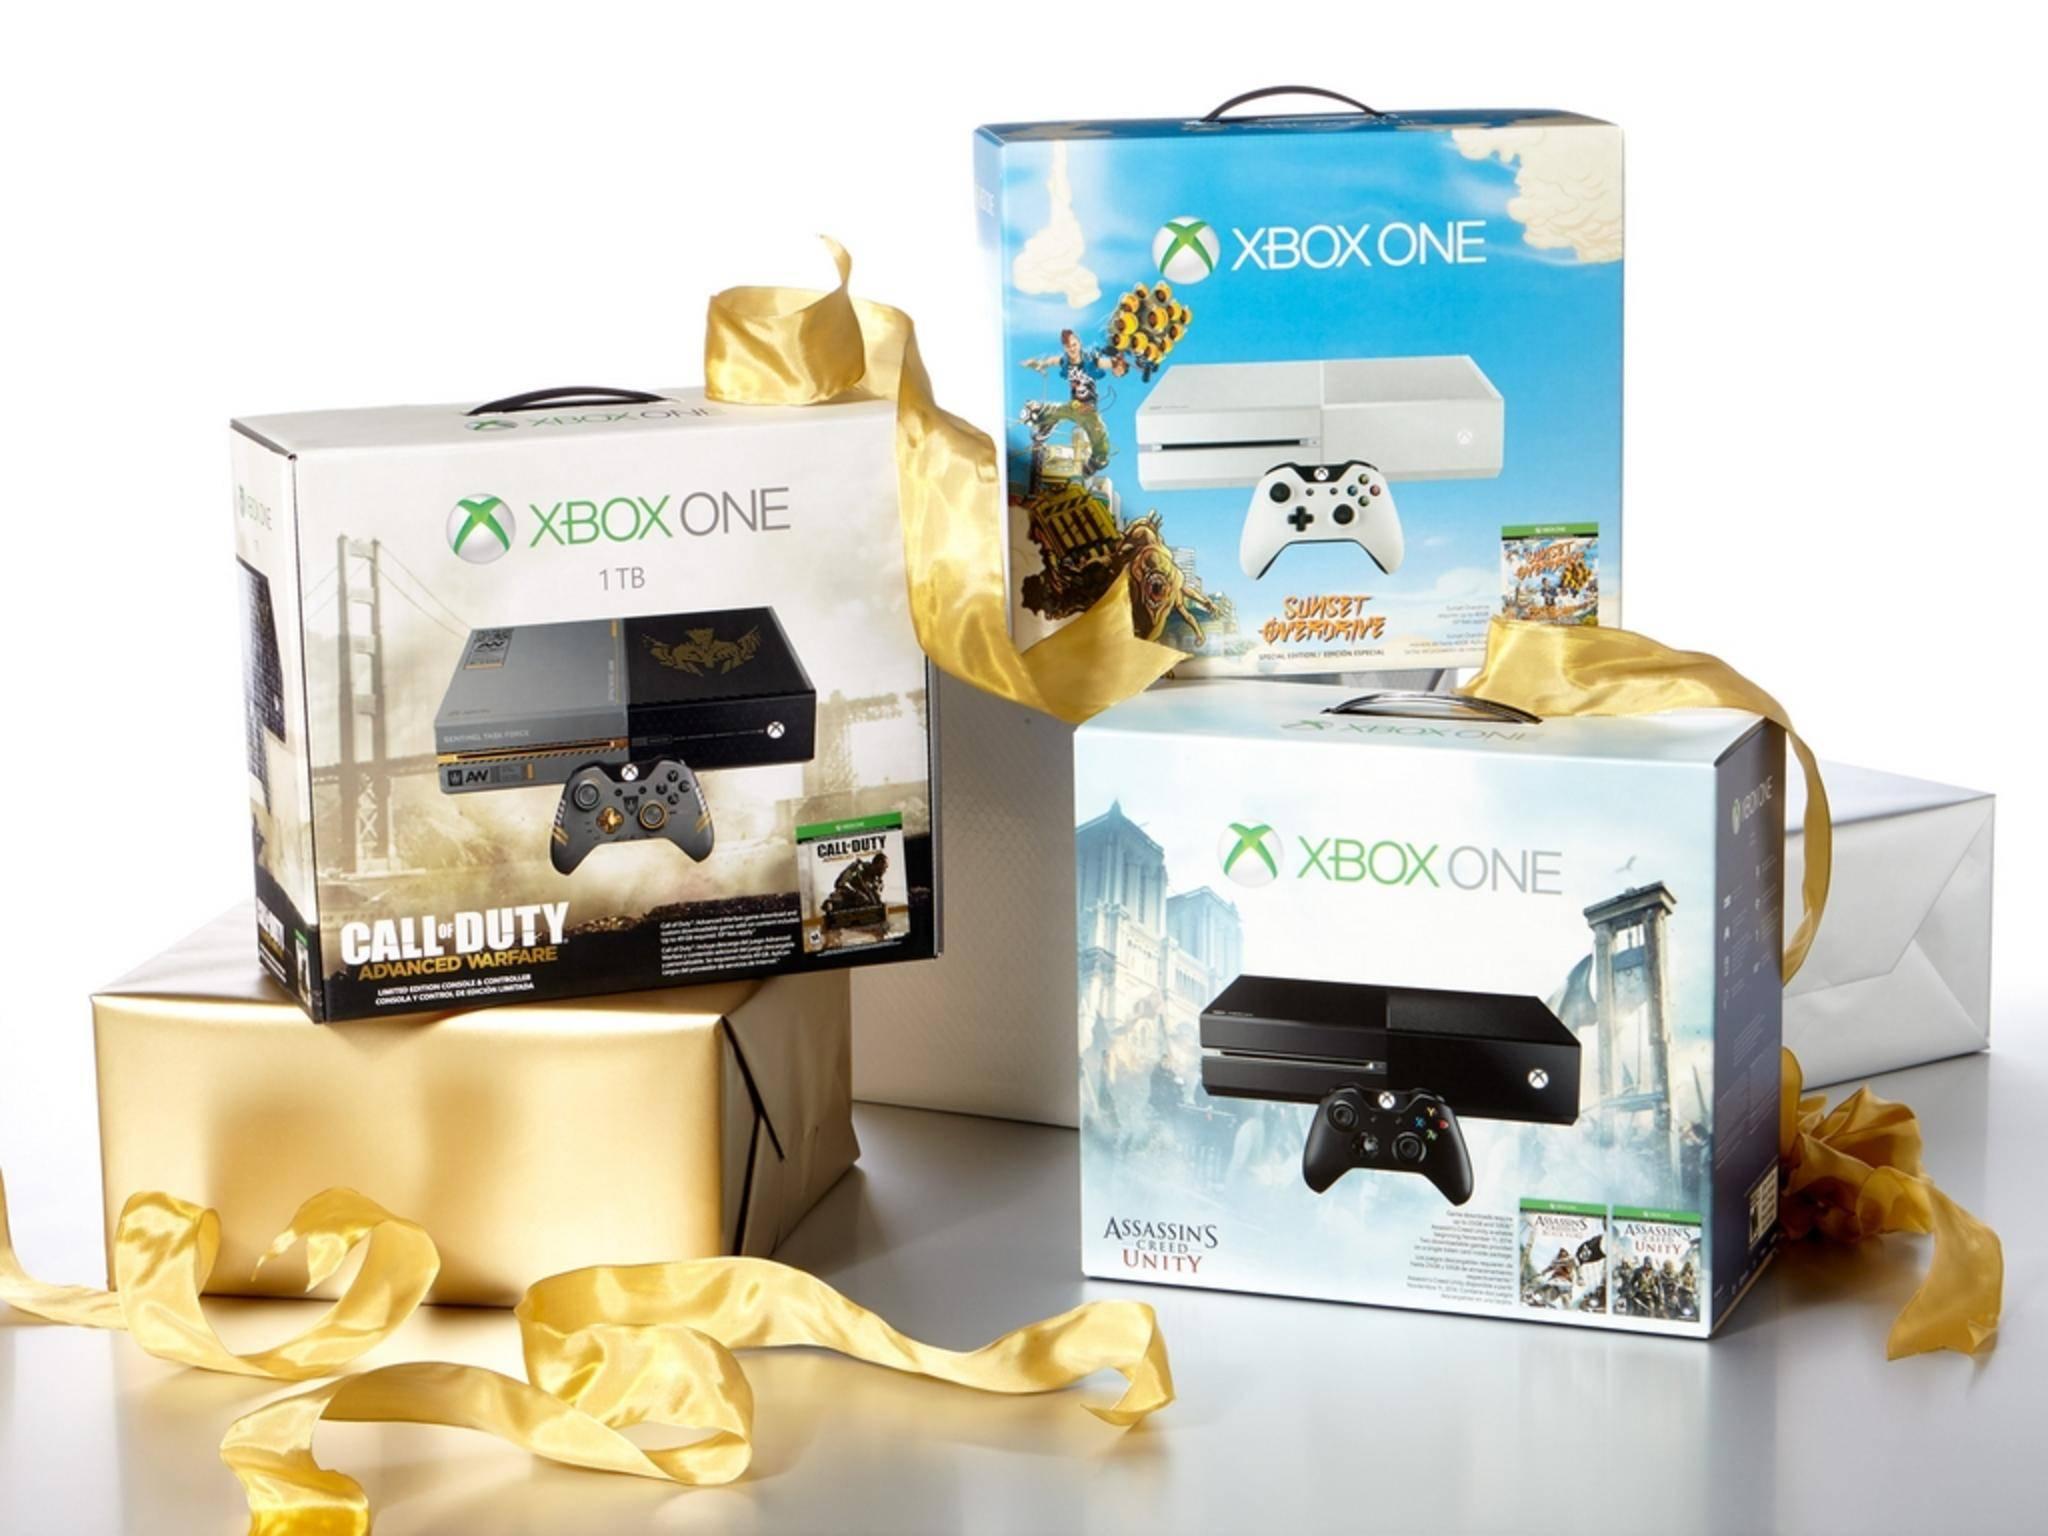 Für die Xbox One erscheinen in den kommenden Monaten zahlreiche Exklusivtitel.